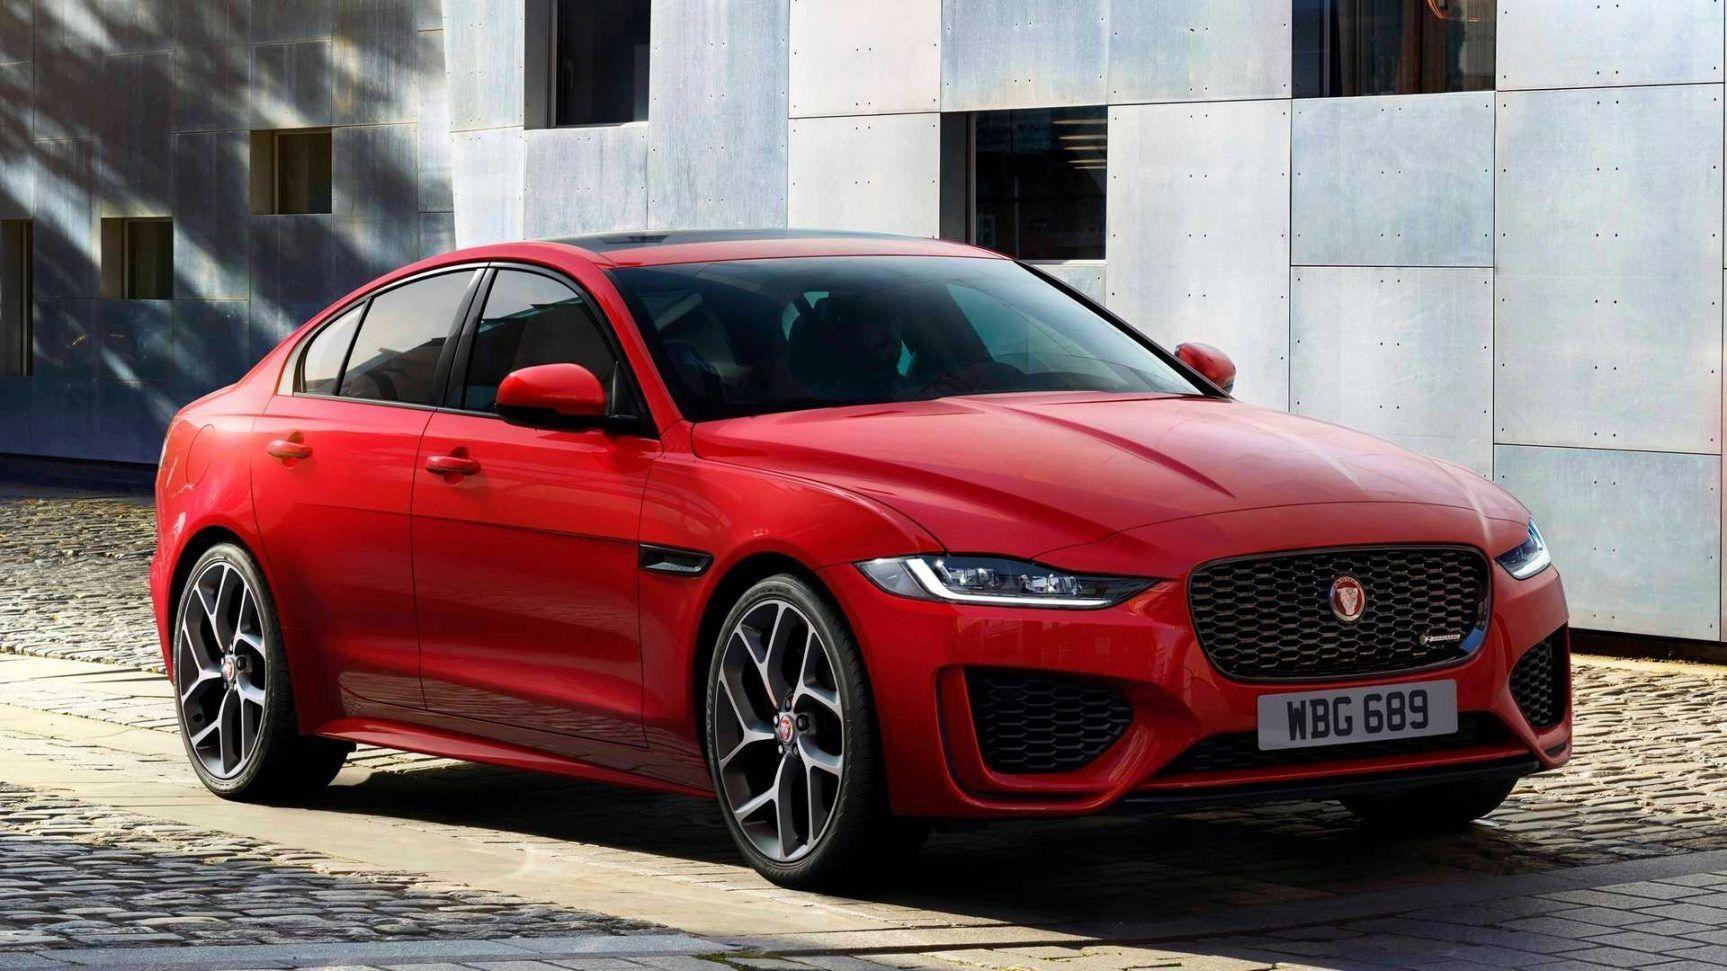 2020 Jaguar Xe Review Engine Features Interior Exterior And Photos Jaguar Xe New Jaguar Jaguar Price